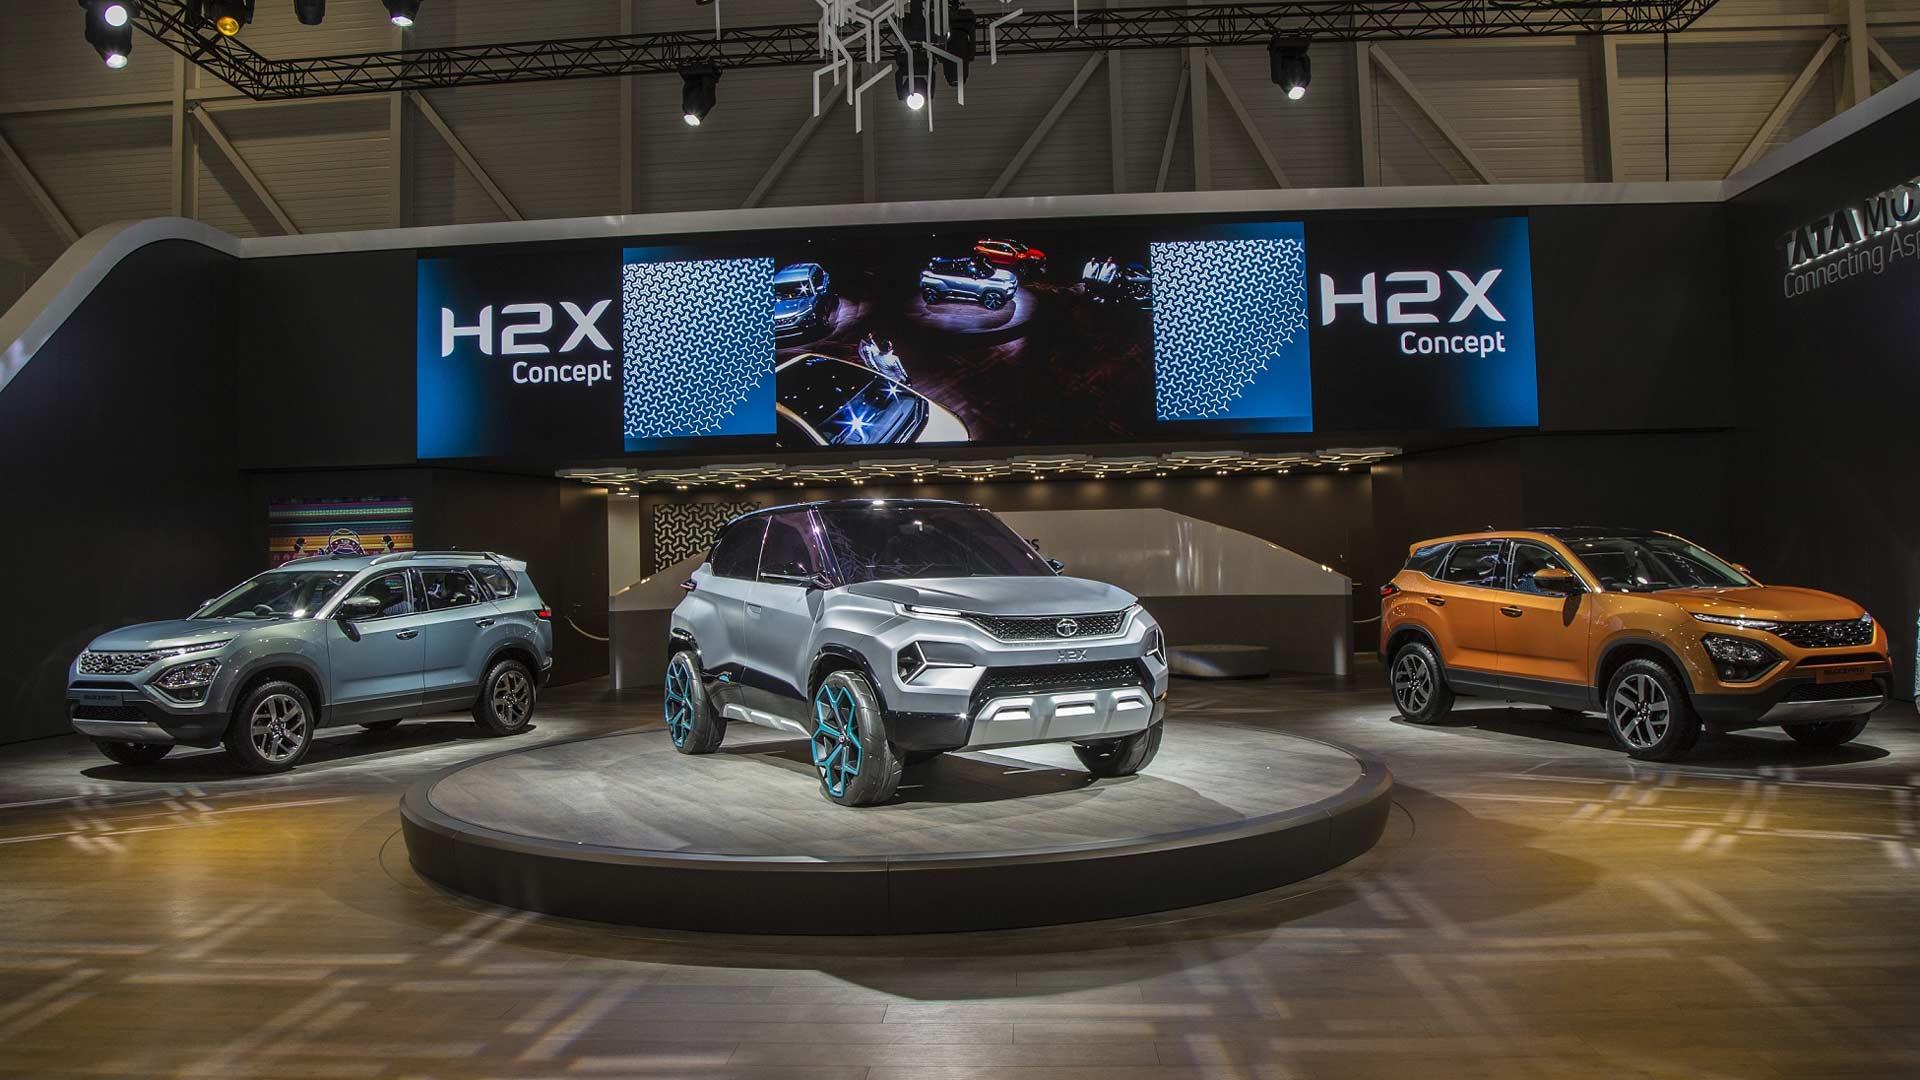 Tata-H2X-Buzzard-Buzzard-Sport-Concept-Geneva-2019